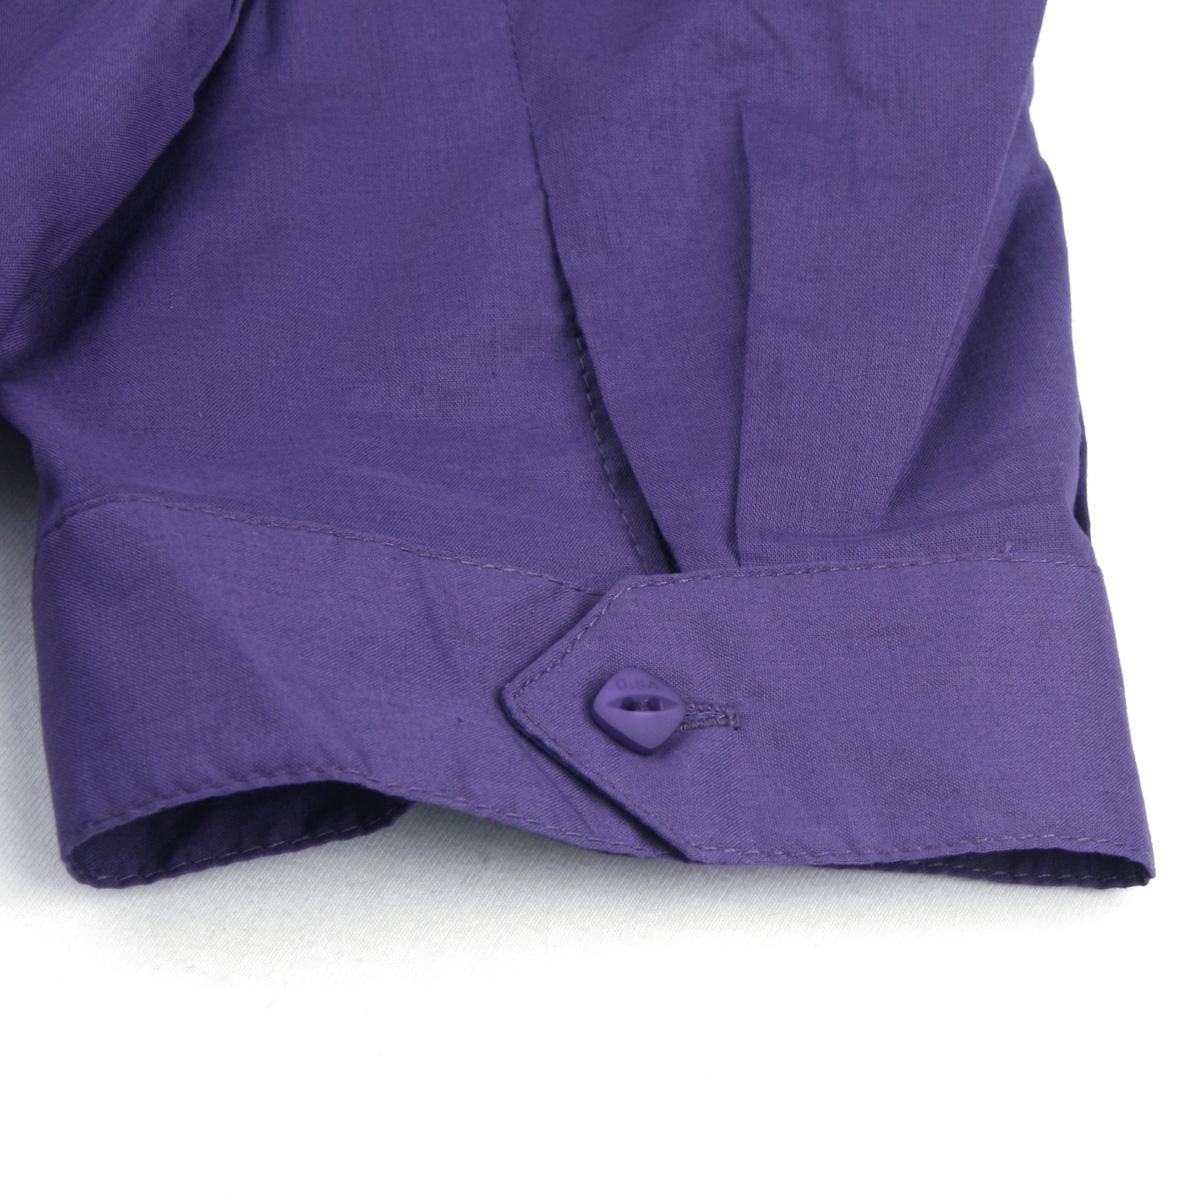 женская рубашка OSA SC90208 Ol C90208 Короткий рукав Однотонный цвет Закругленный вырез Один ряд пуговиц